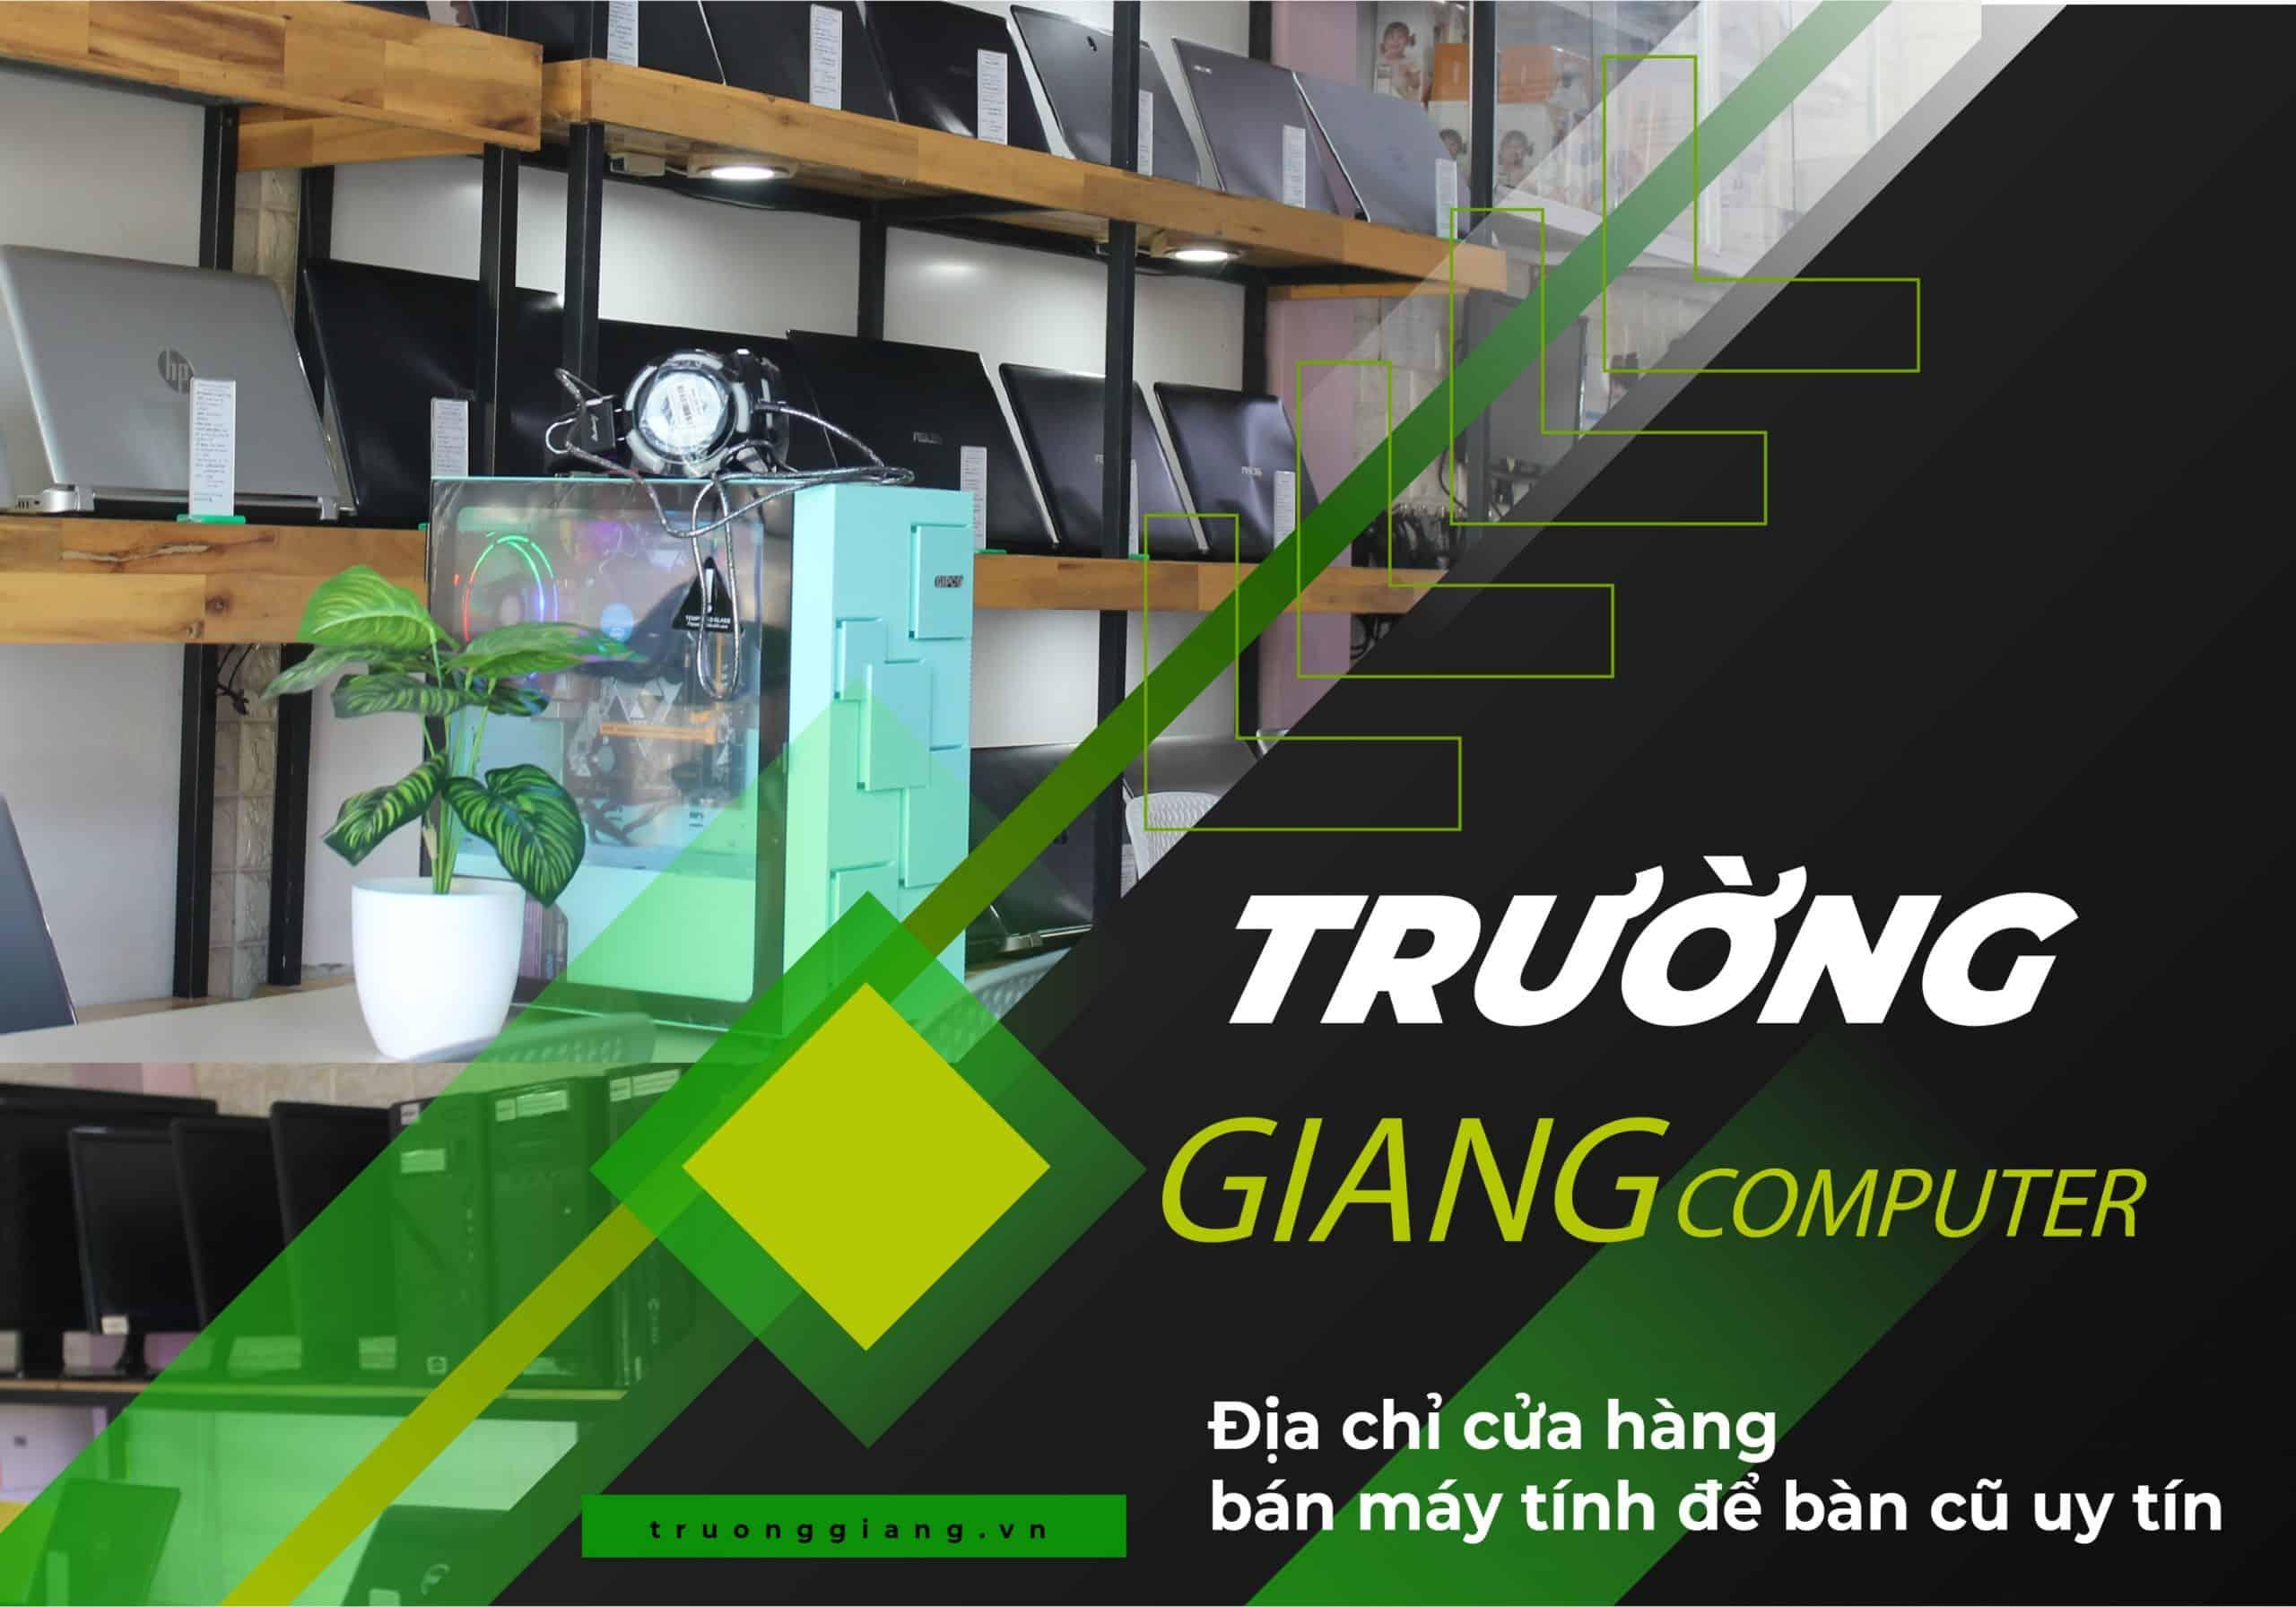 Địa chỉ cửa hàng bán máy tính để bàn cũ tại Đà Nẵng